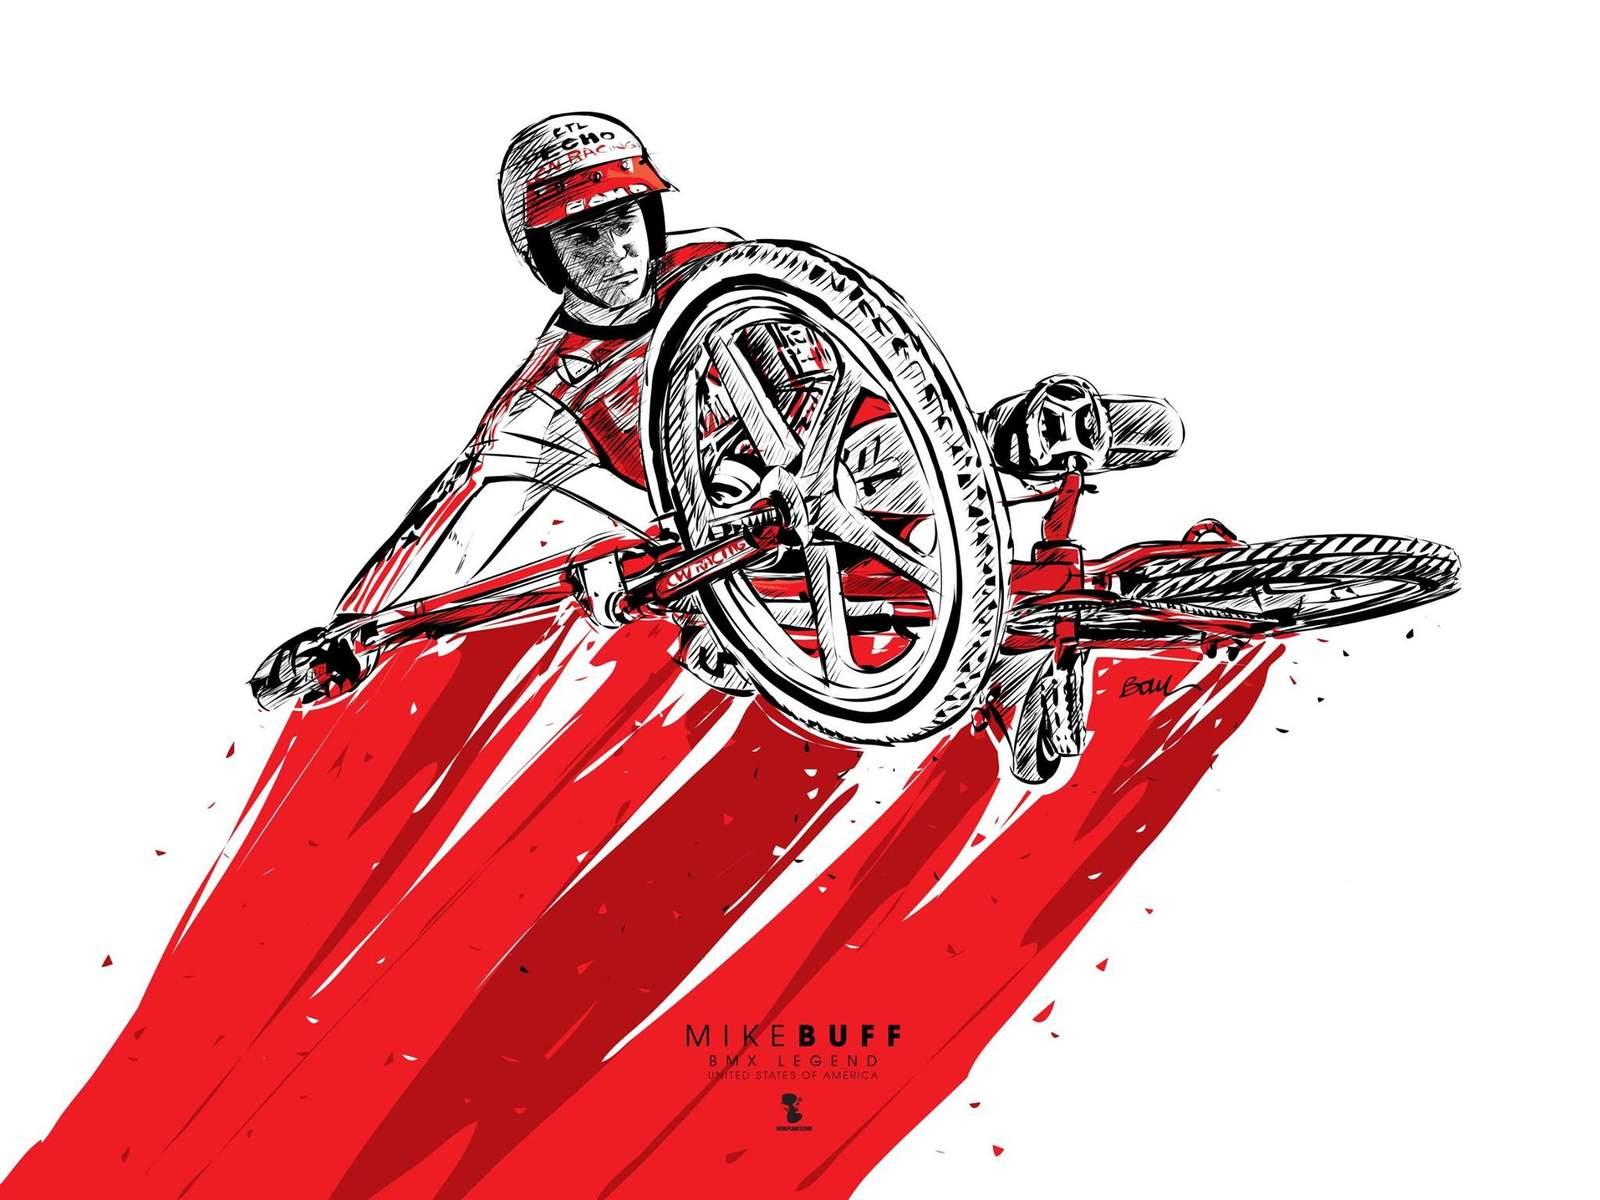 http://uploads.bmxmuseum.com/user-images/152/bikemuff586568d776.jpg